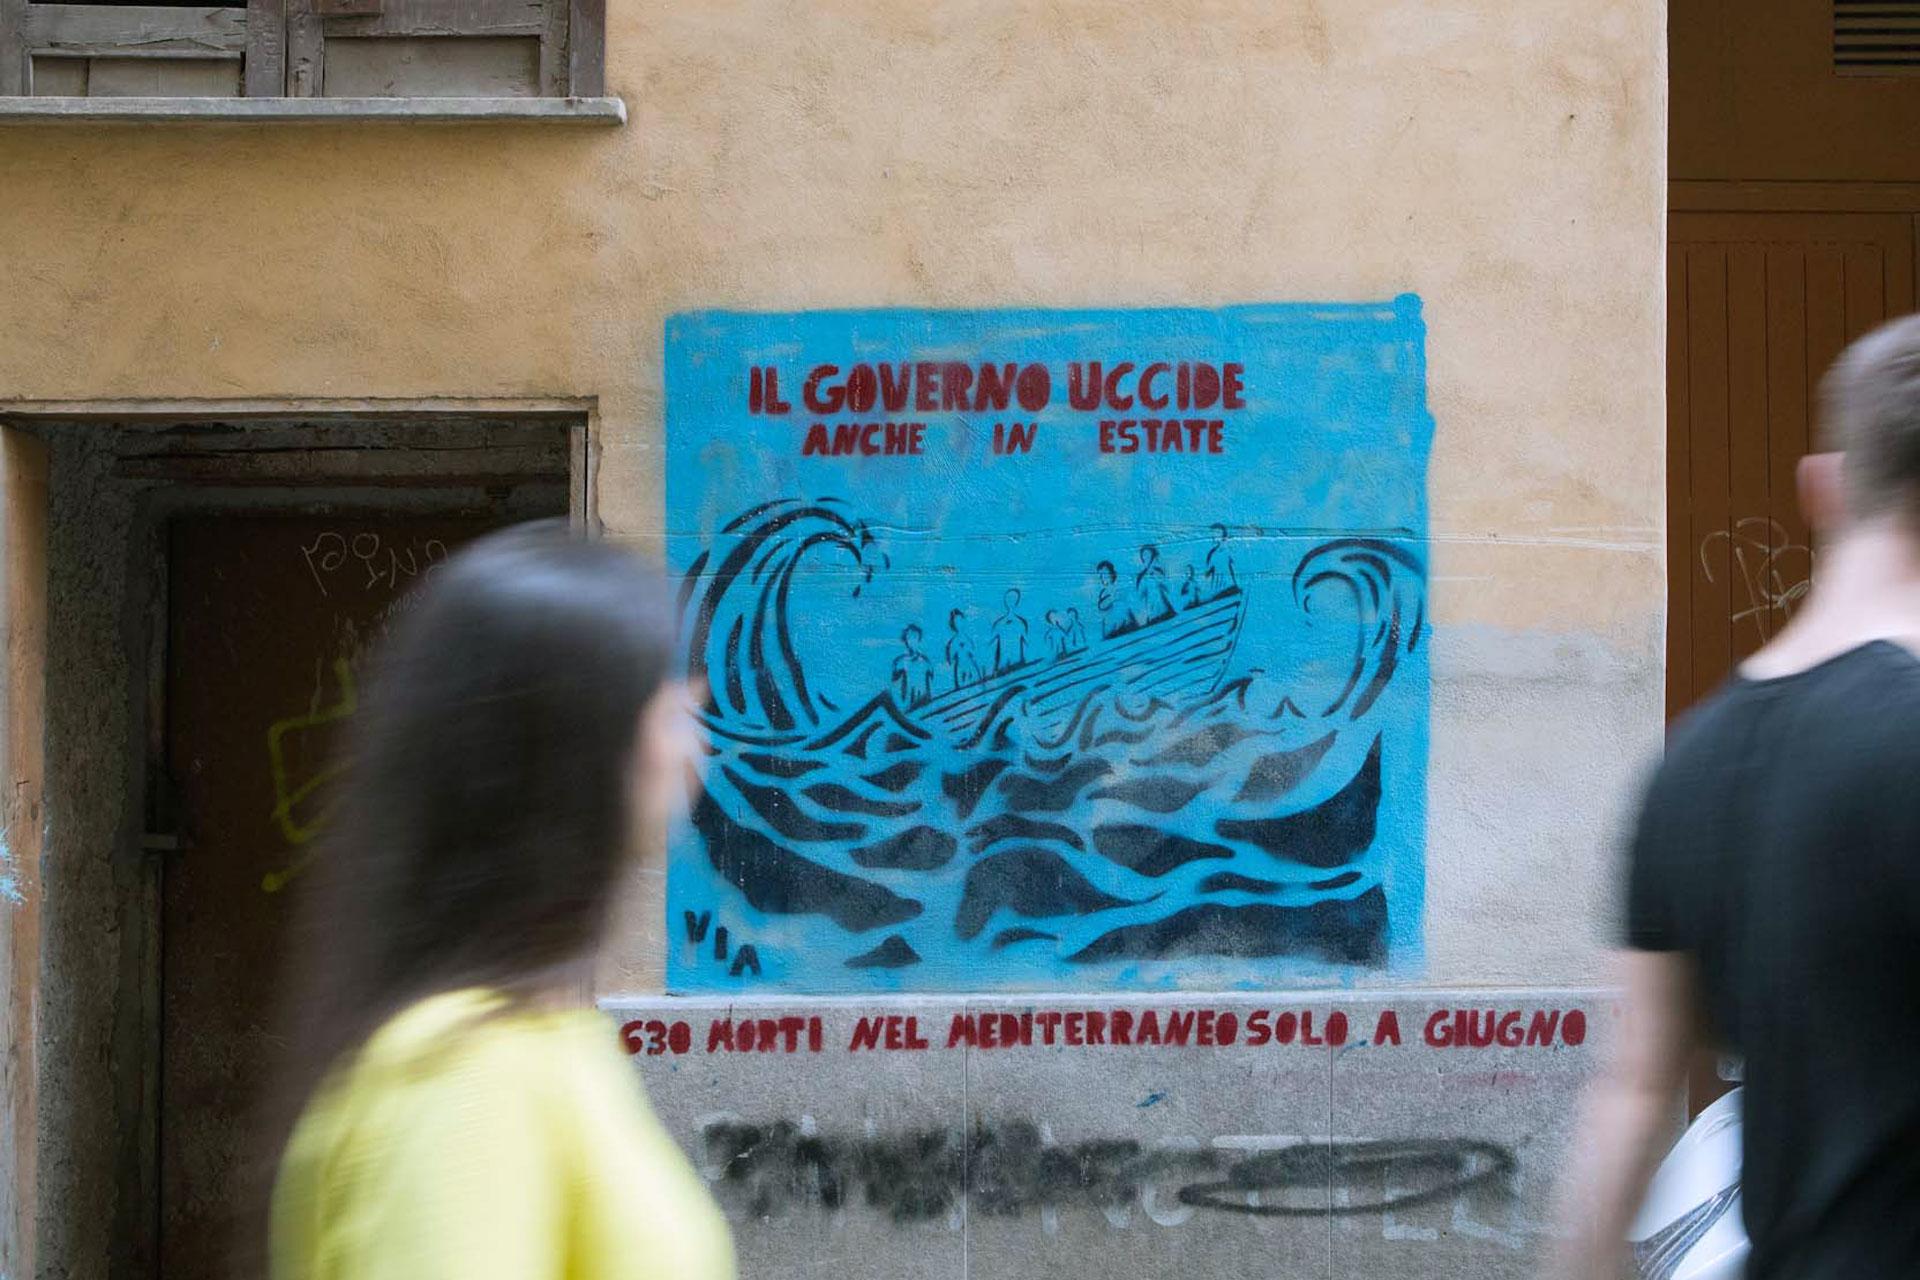 'Il Governo Uccide anche in Estate' – 'Die Regierung tötet auch im Sommer', Streetart by VIA